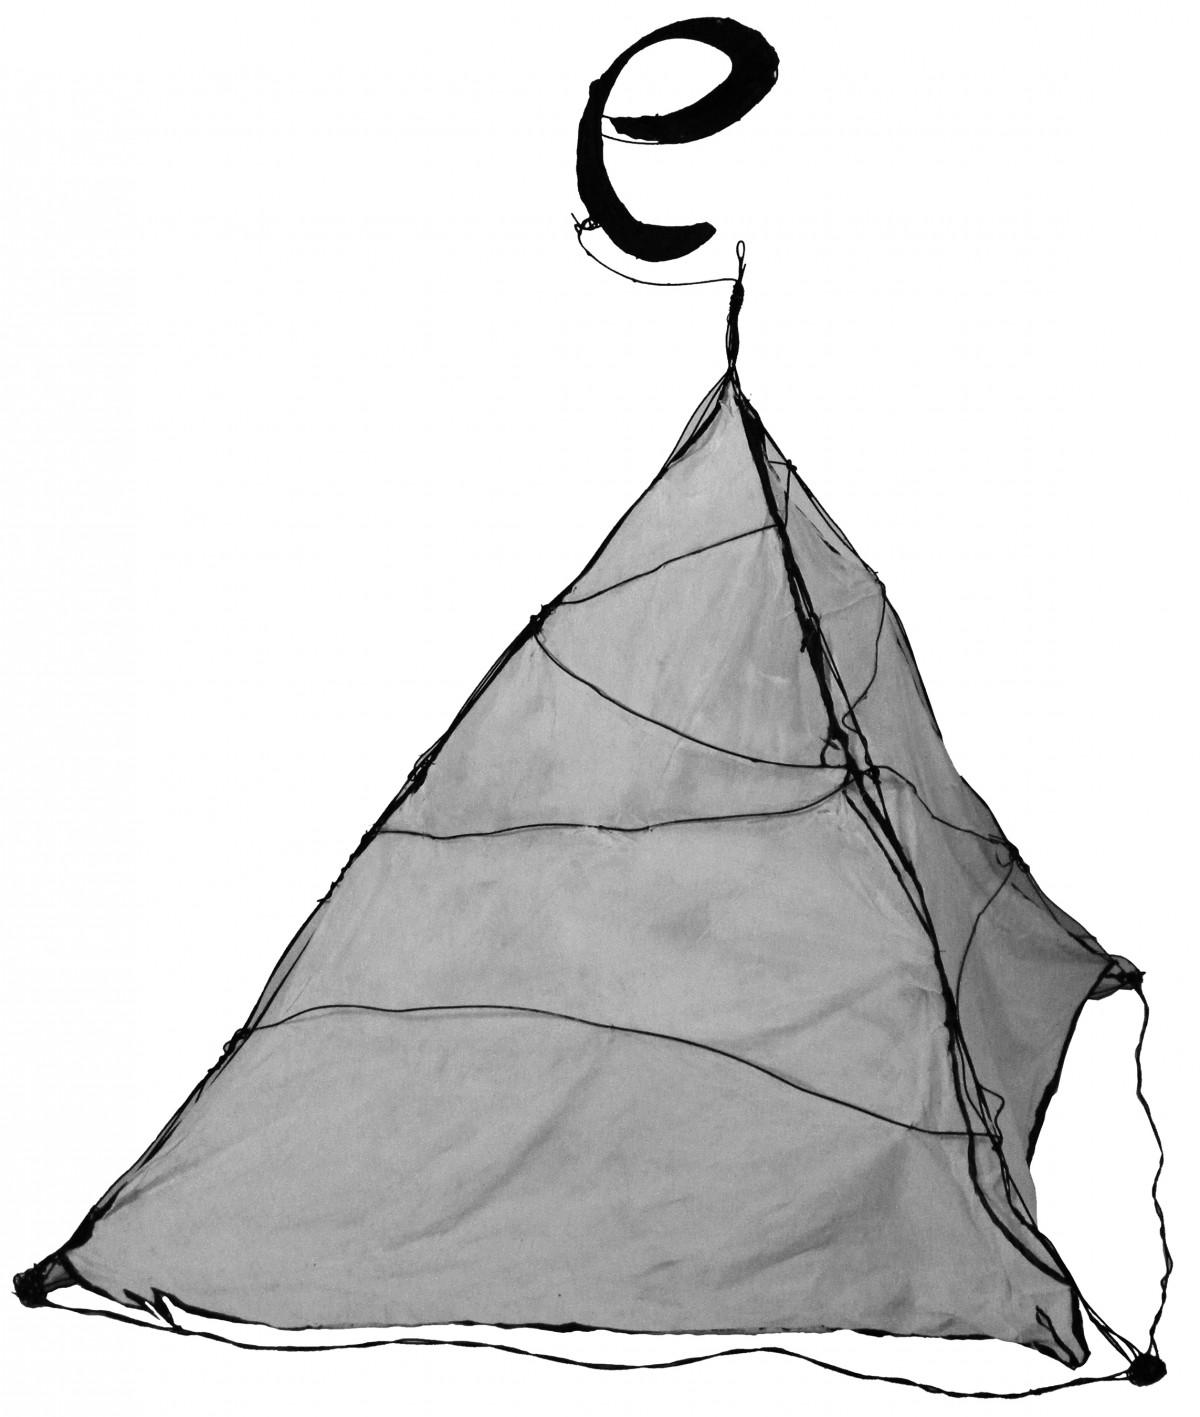 Pyramide mit e